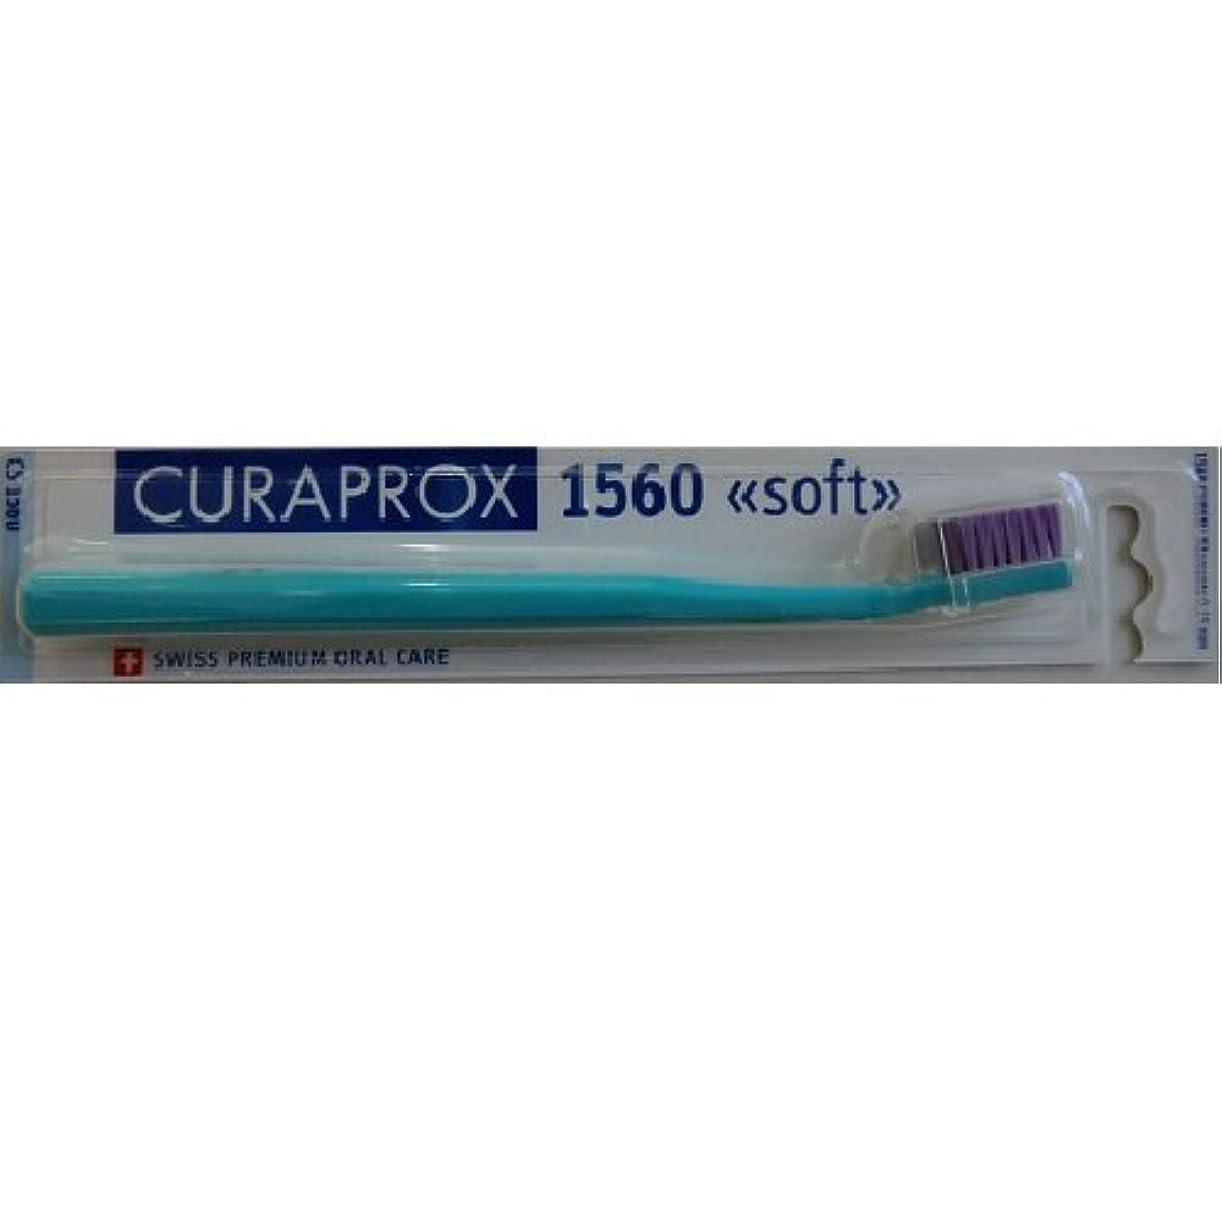 凍ったシルク方程式キュラプロックス1560?ソフト歯ブラシ